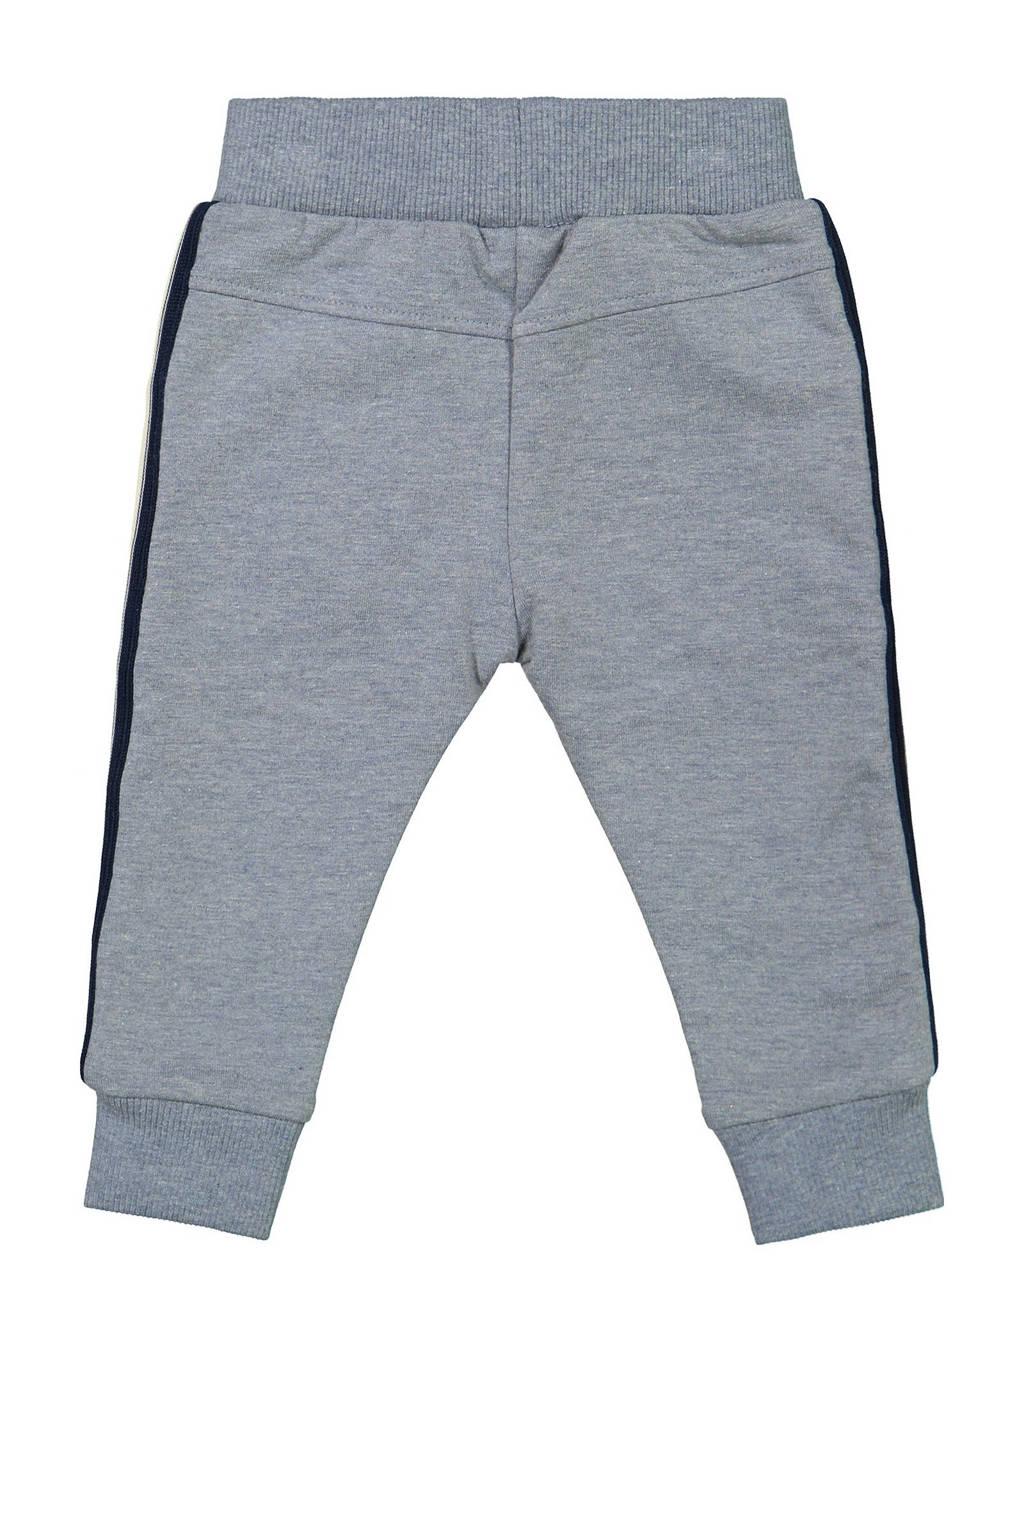 Dirkje joggingbroek met zijstreep grijs melange/donkerblauw/ecru, Grijs melange/donkerblauw/ecru